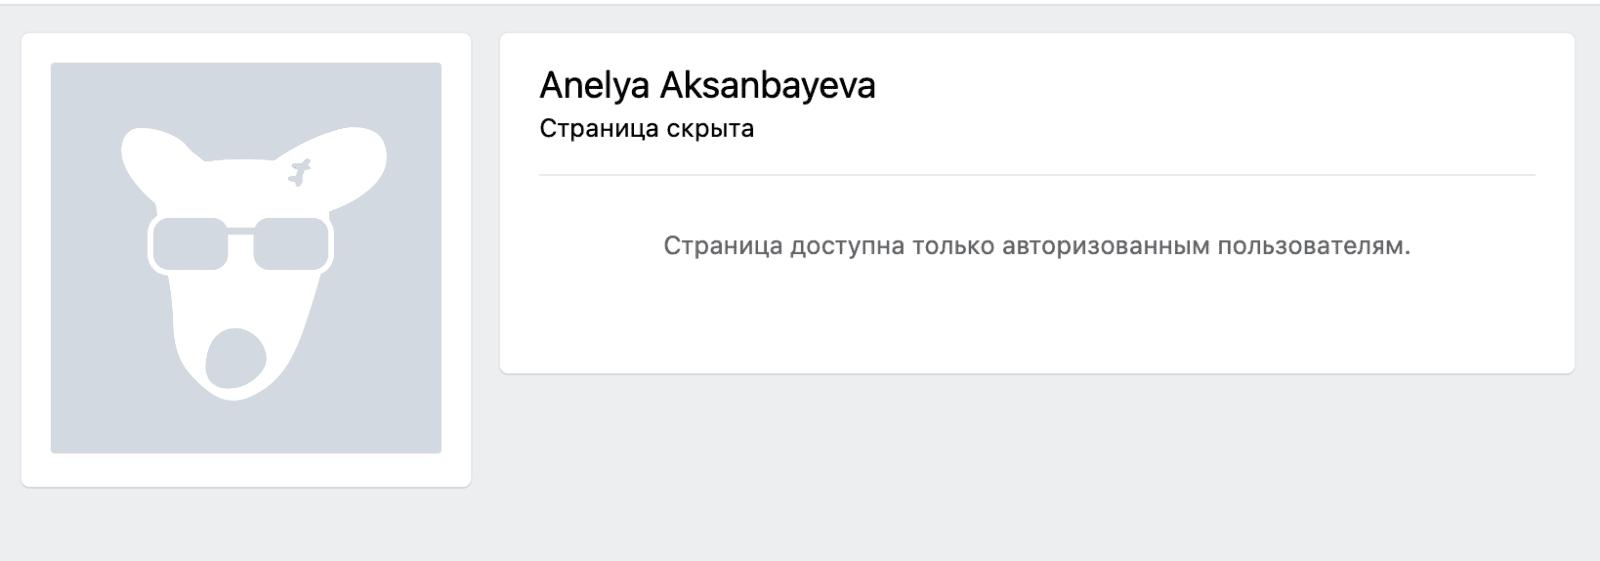 Скрытая страница основательницы проекта Brobets Anelya Aksanbayeva (Анеля Аксанбаева)